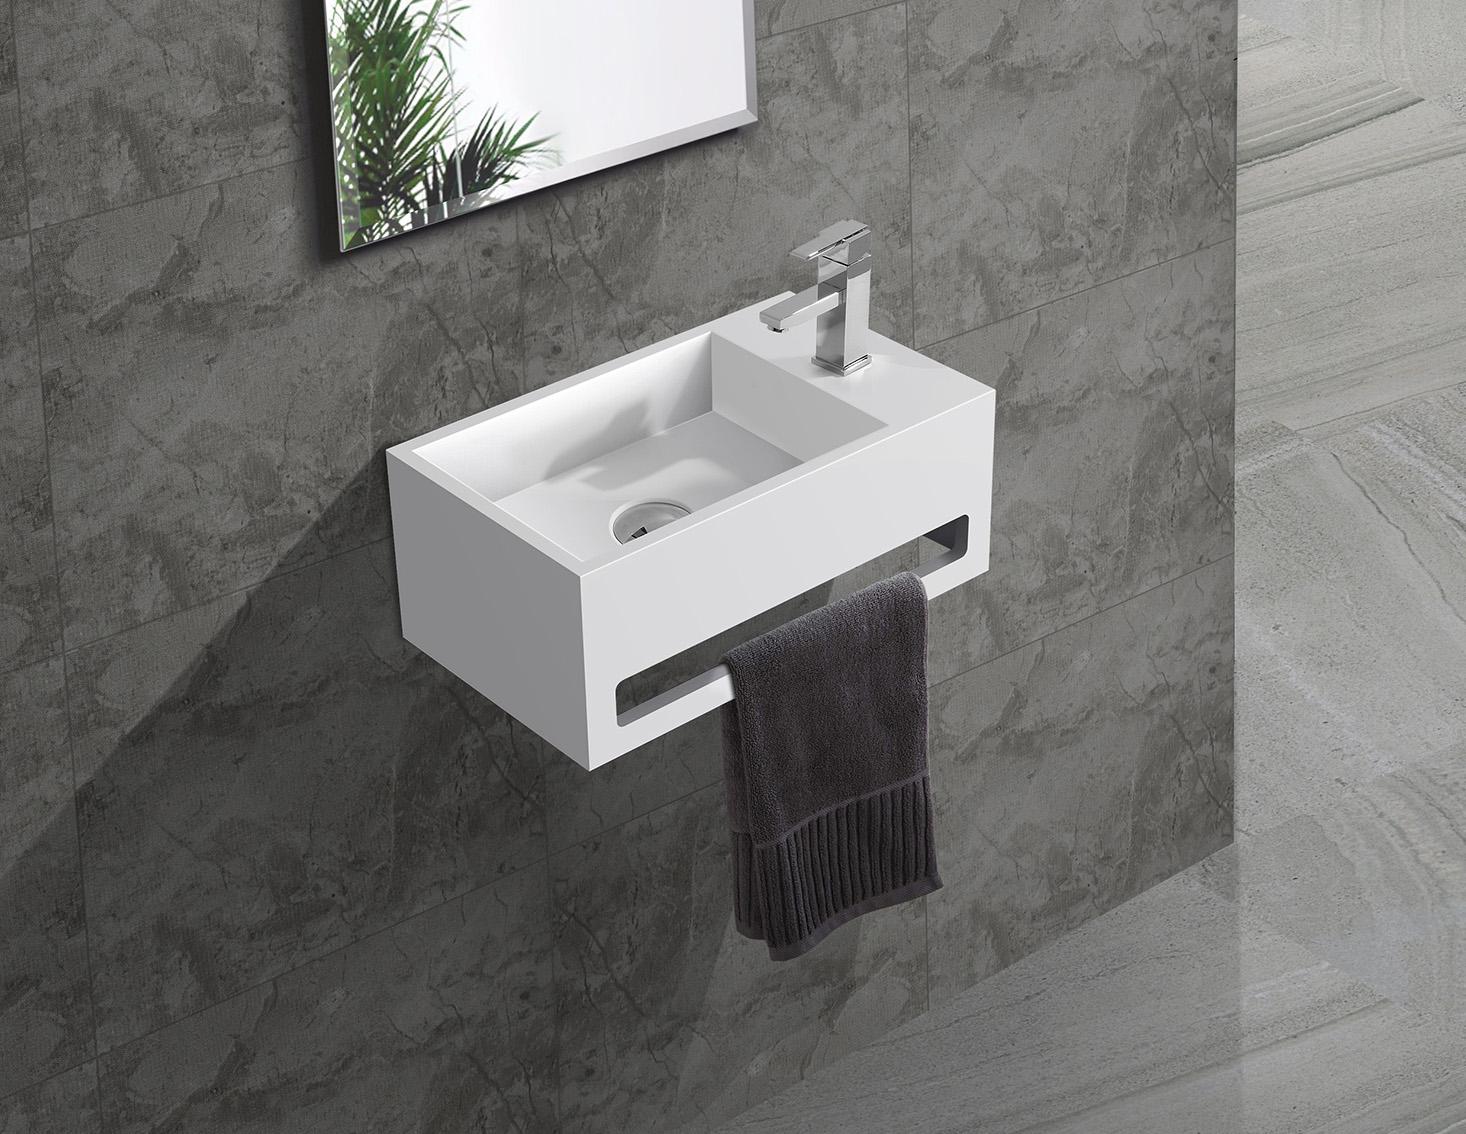 Hot slope wall mounted bathroom basin hanger KingKonree Brand